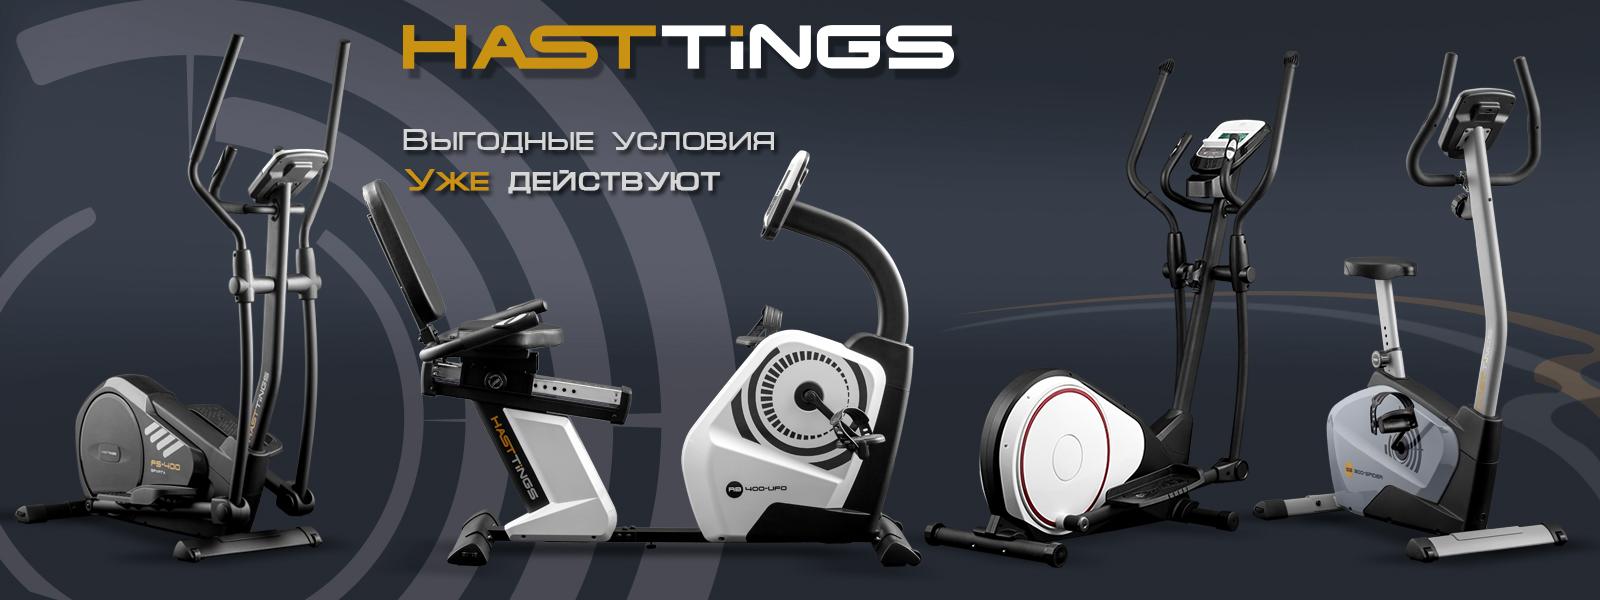 Уважаемые покупатели! Начиная с этого понедельника и до 31 октября, вступают в силу новые цены на тренажеры Hasttings!